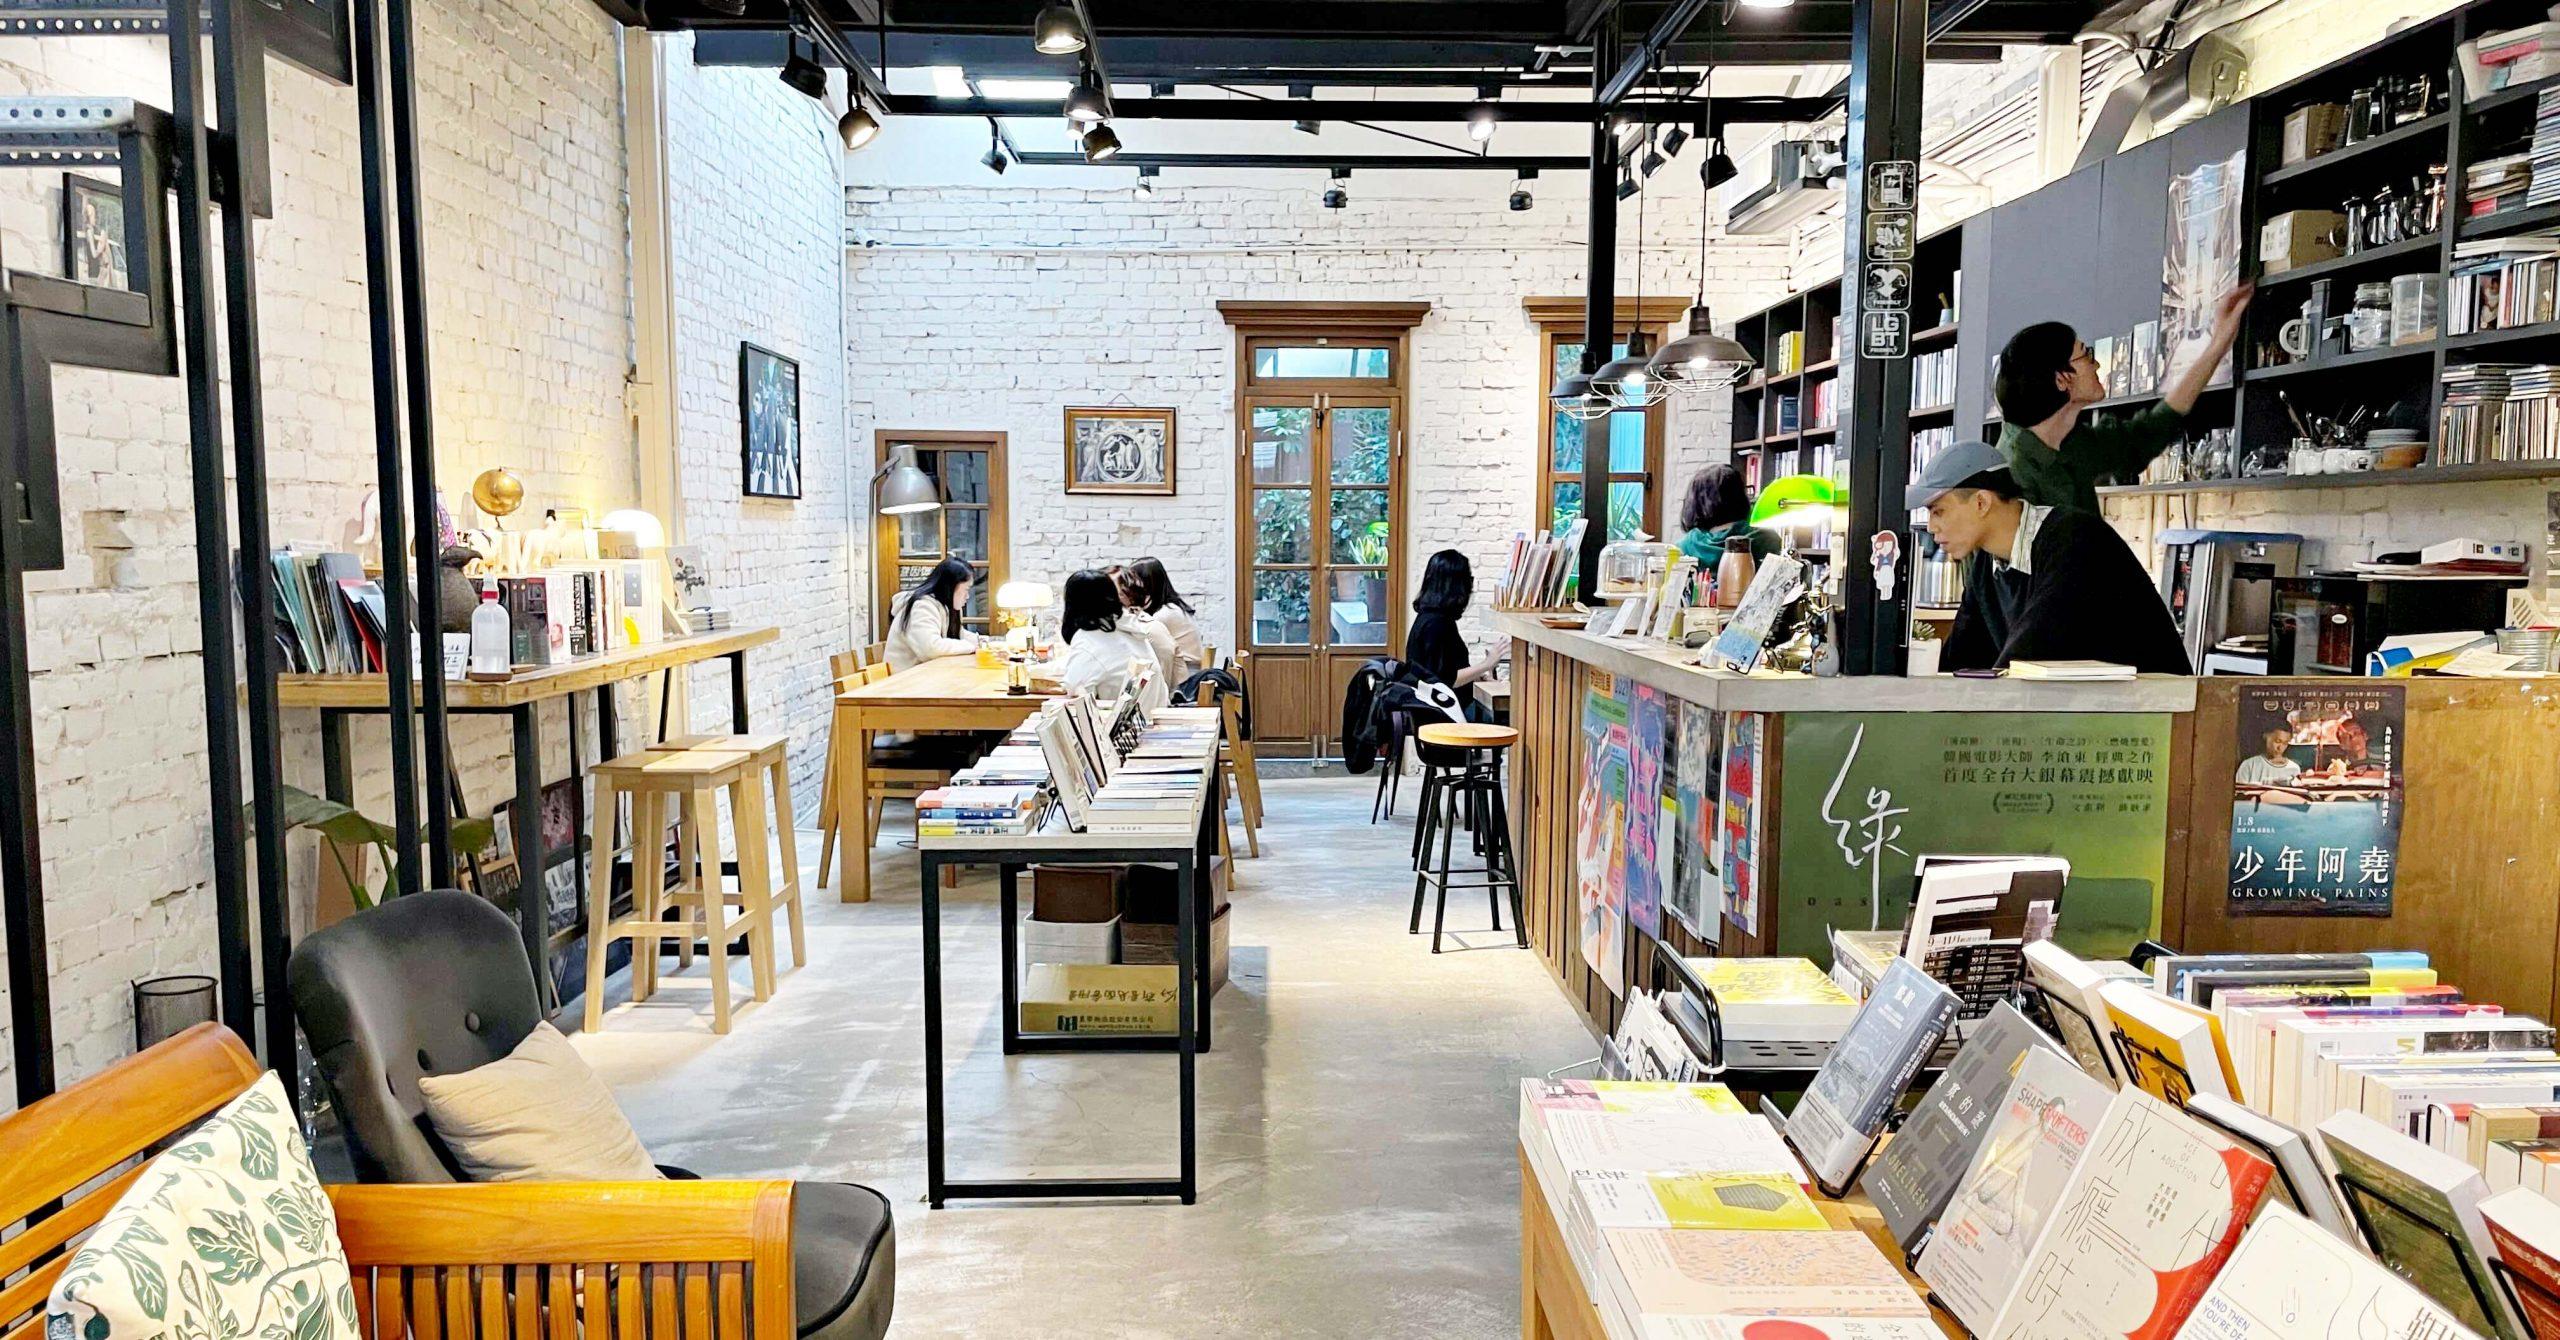 中山站,中山站咖啡廳,浮光書店 @Nash,神之領域